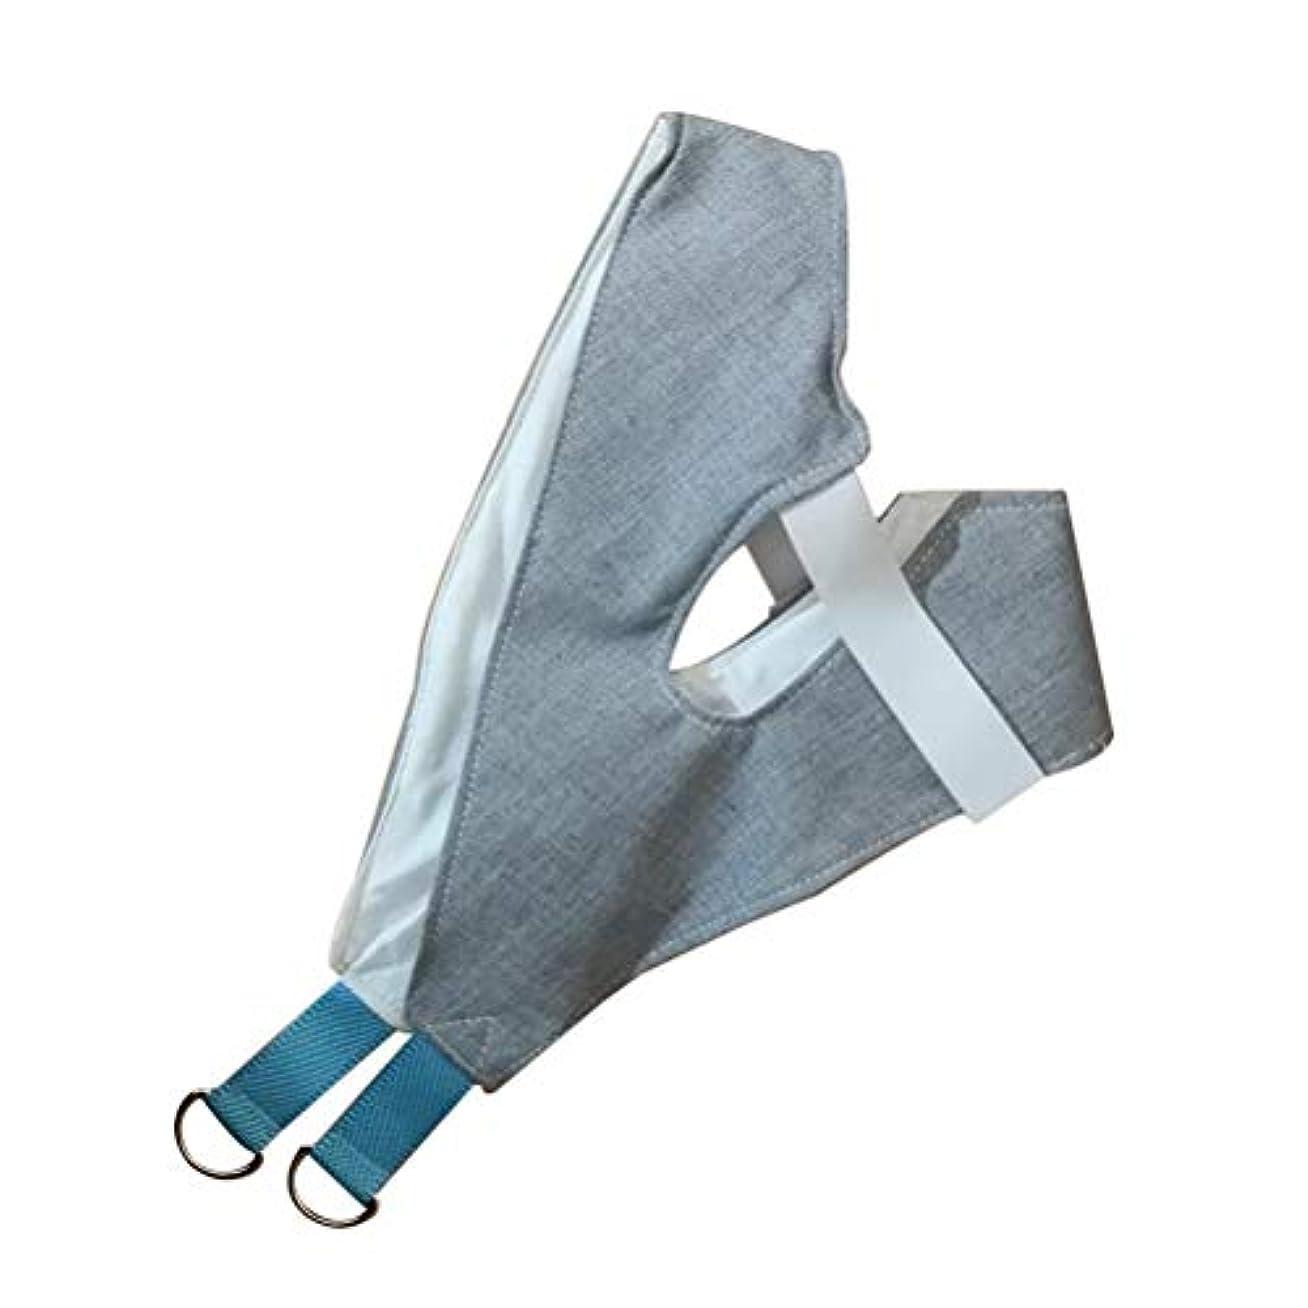 主張磁気中庭HEALLILY ホームネック牽引装置(ドアの向こう側)頸部牽引装置ユニット肩括弧頭痛緩和および回復用具(ラムダムカラー)